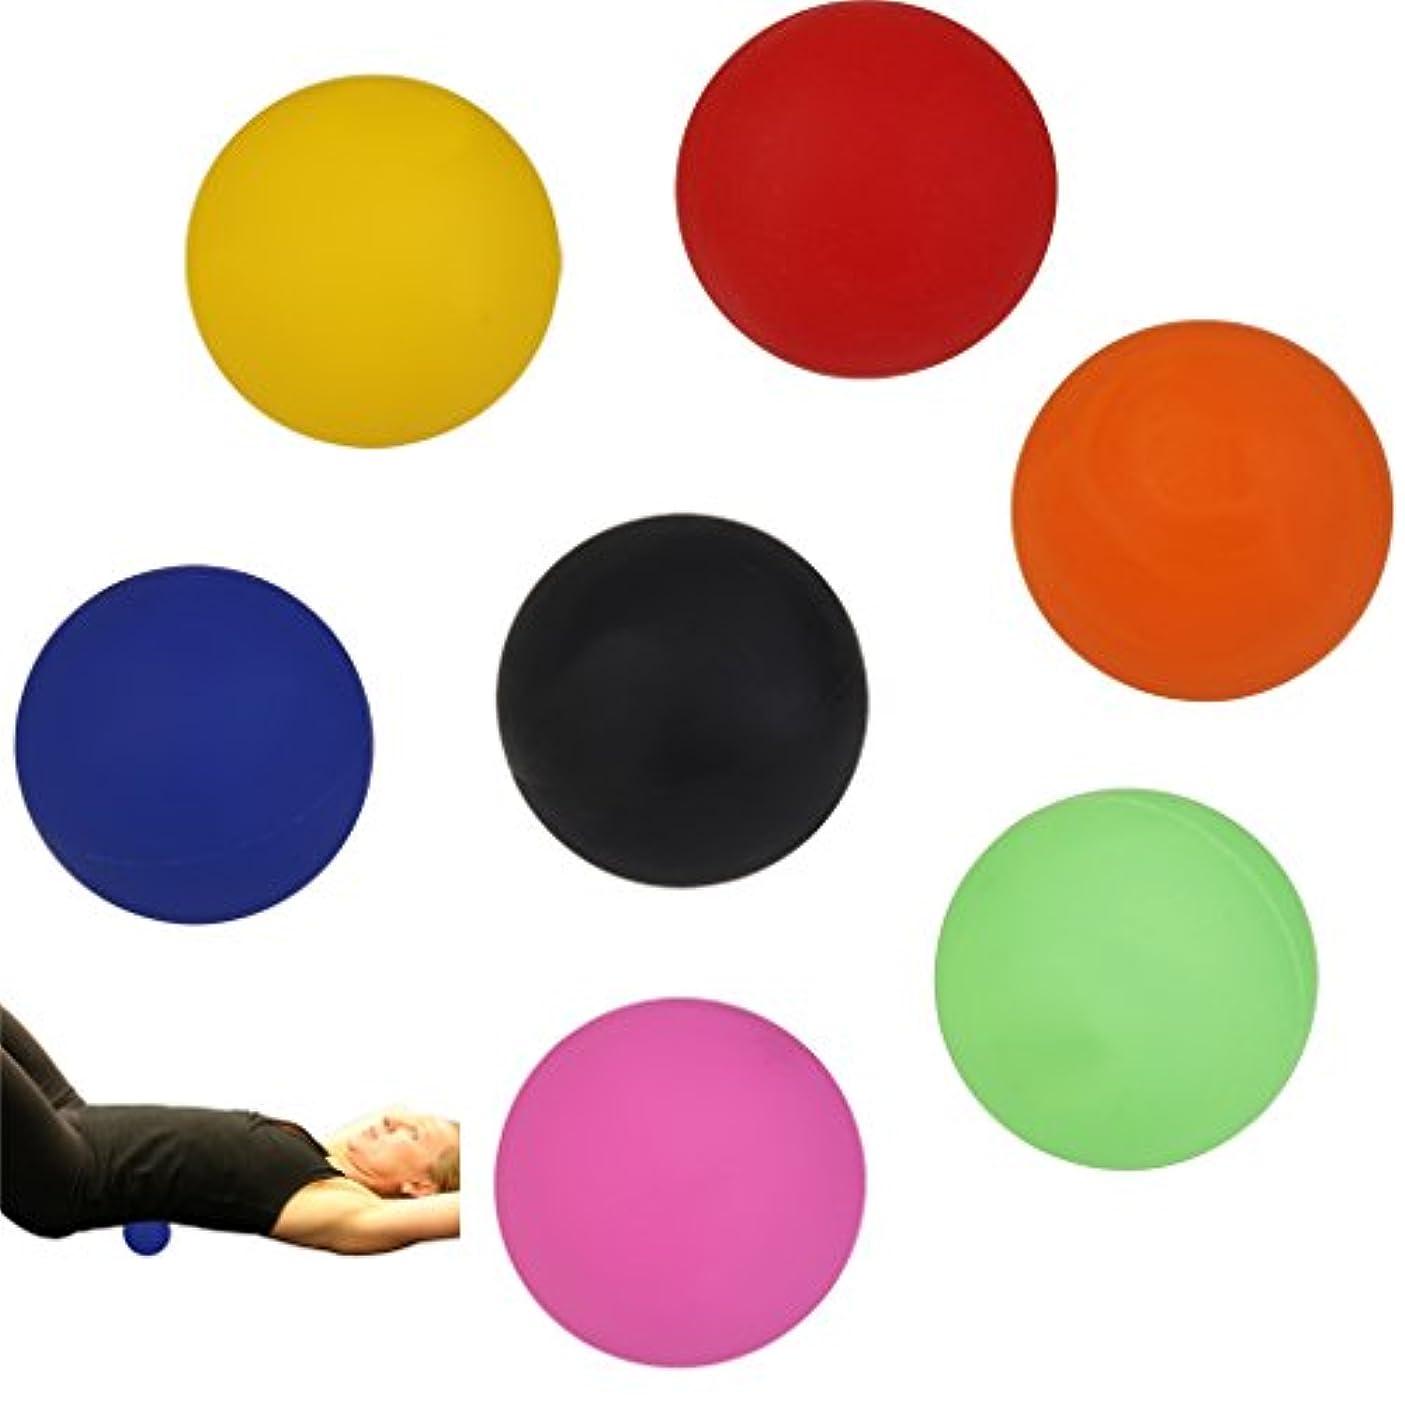 再編成する顕現フリース2個 手のひら 足 腕 首 背中 足首 ジム ホーム 運動 マッサージボール ラクロスマッサージボール 黒色